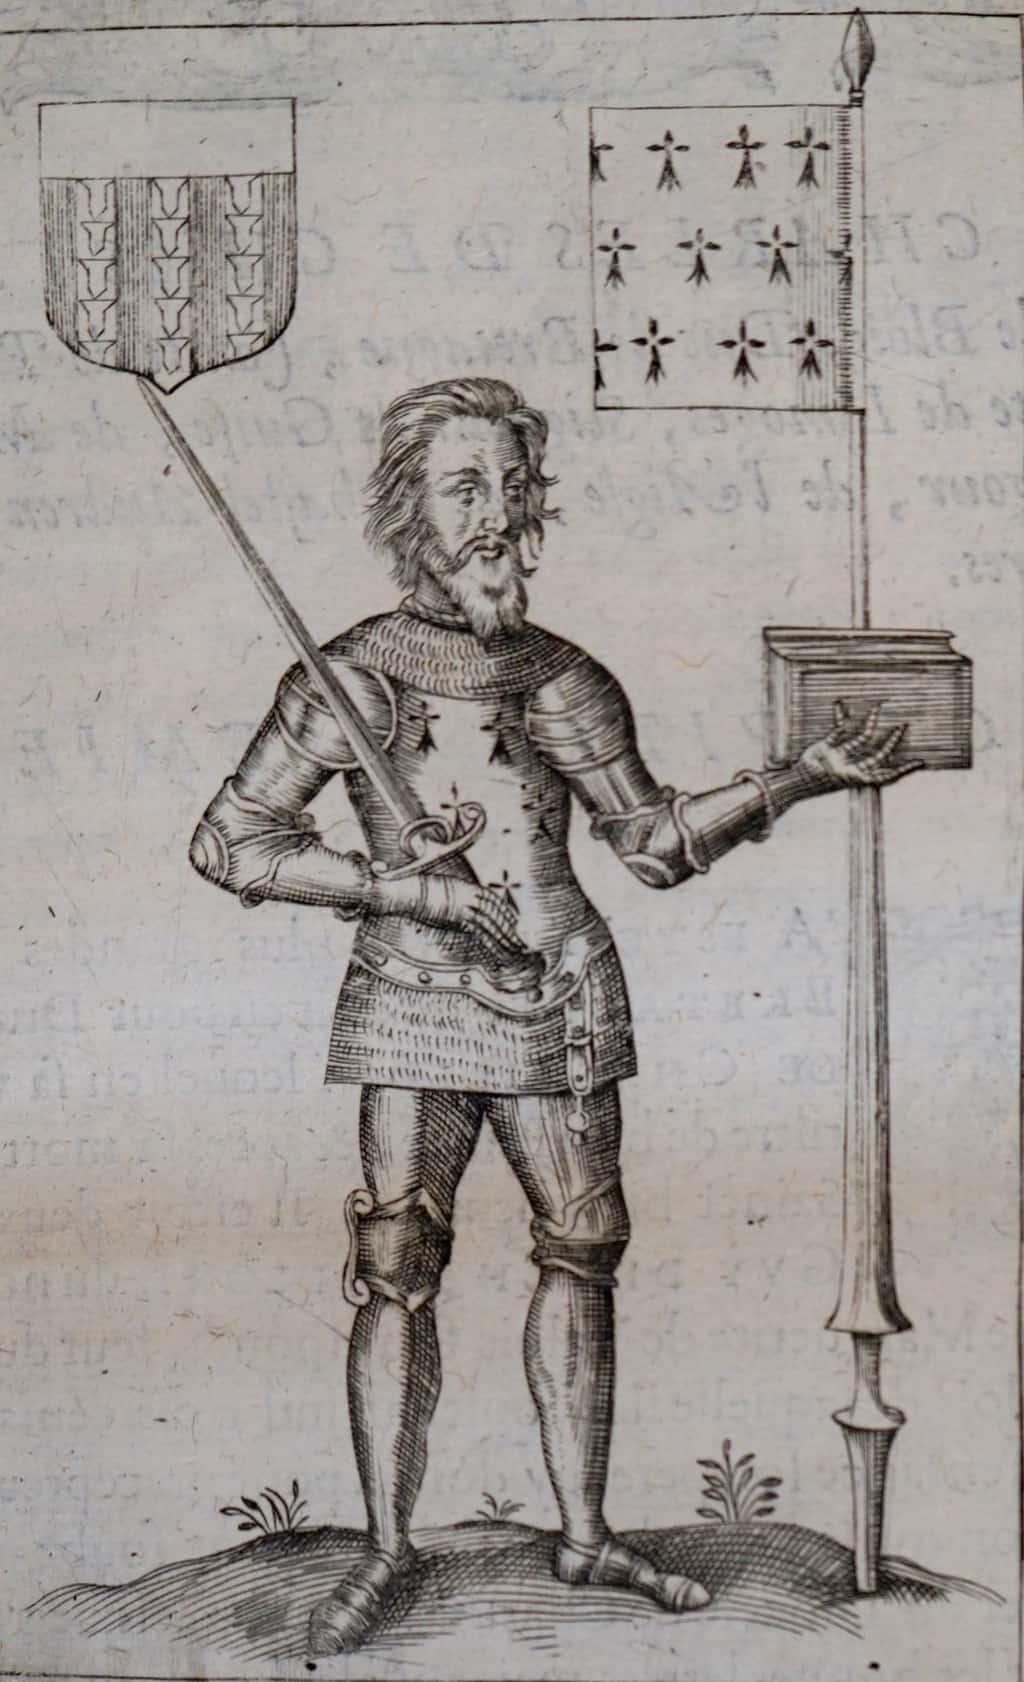 שארל דה בלואה. מקור תמונה: ויקיפדיה.